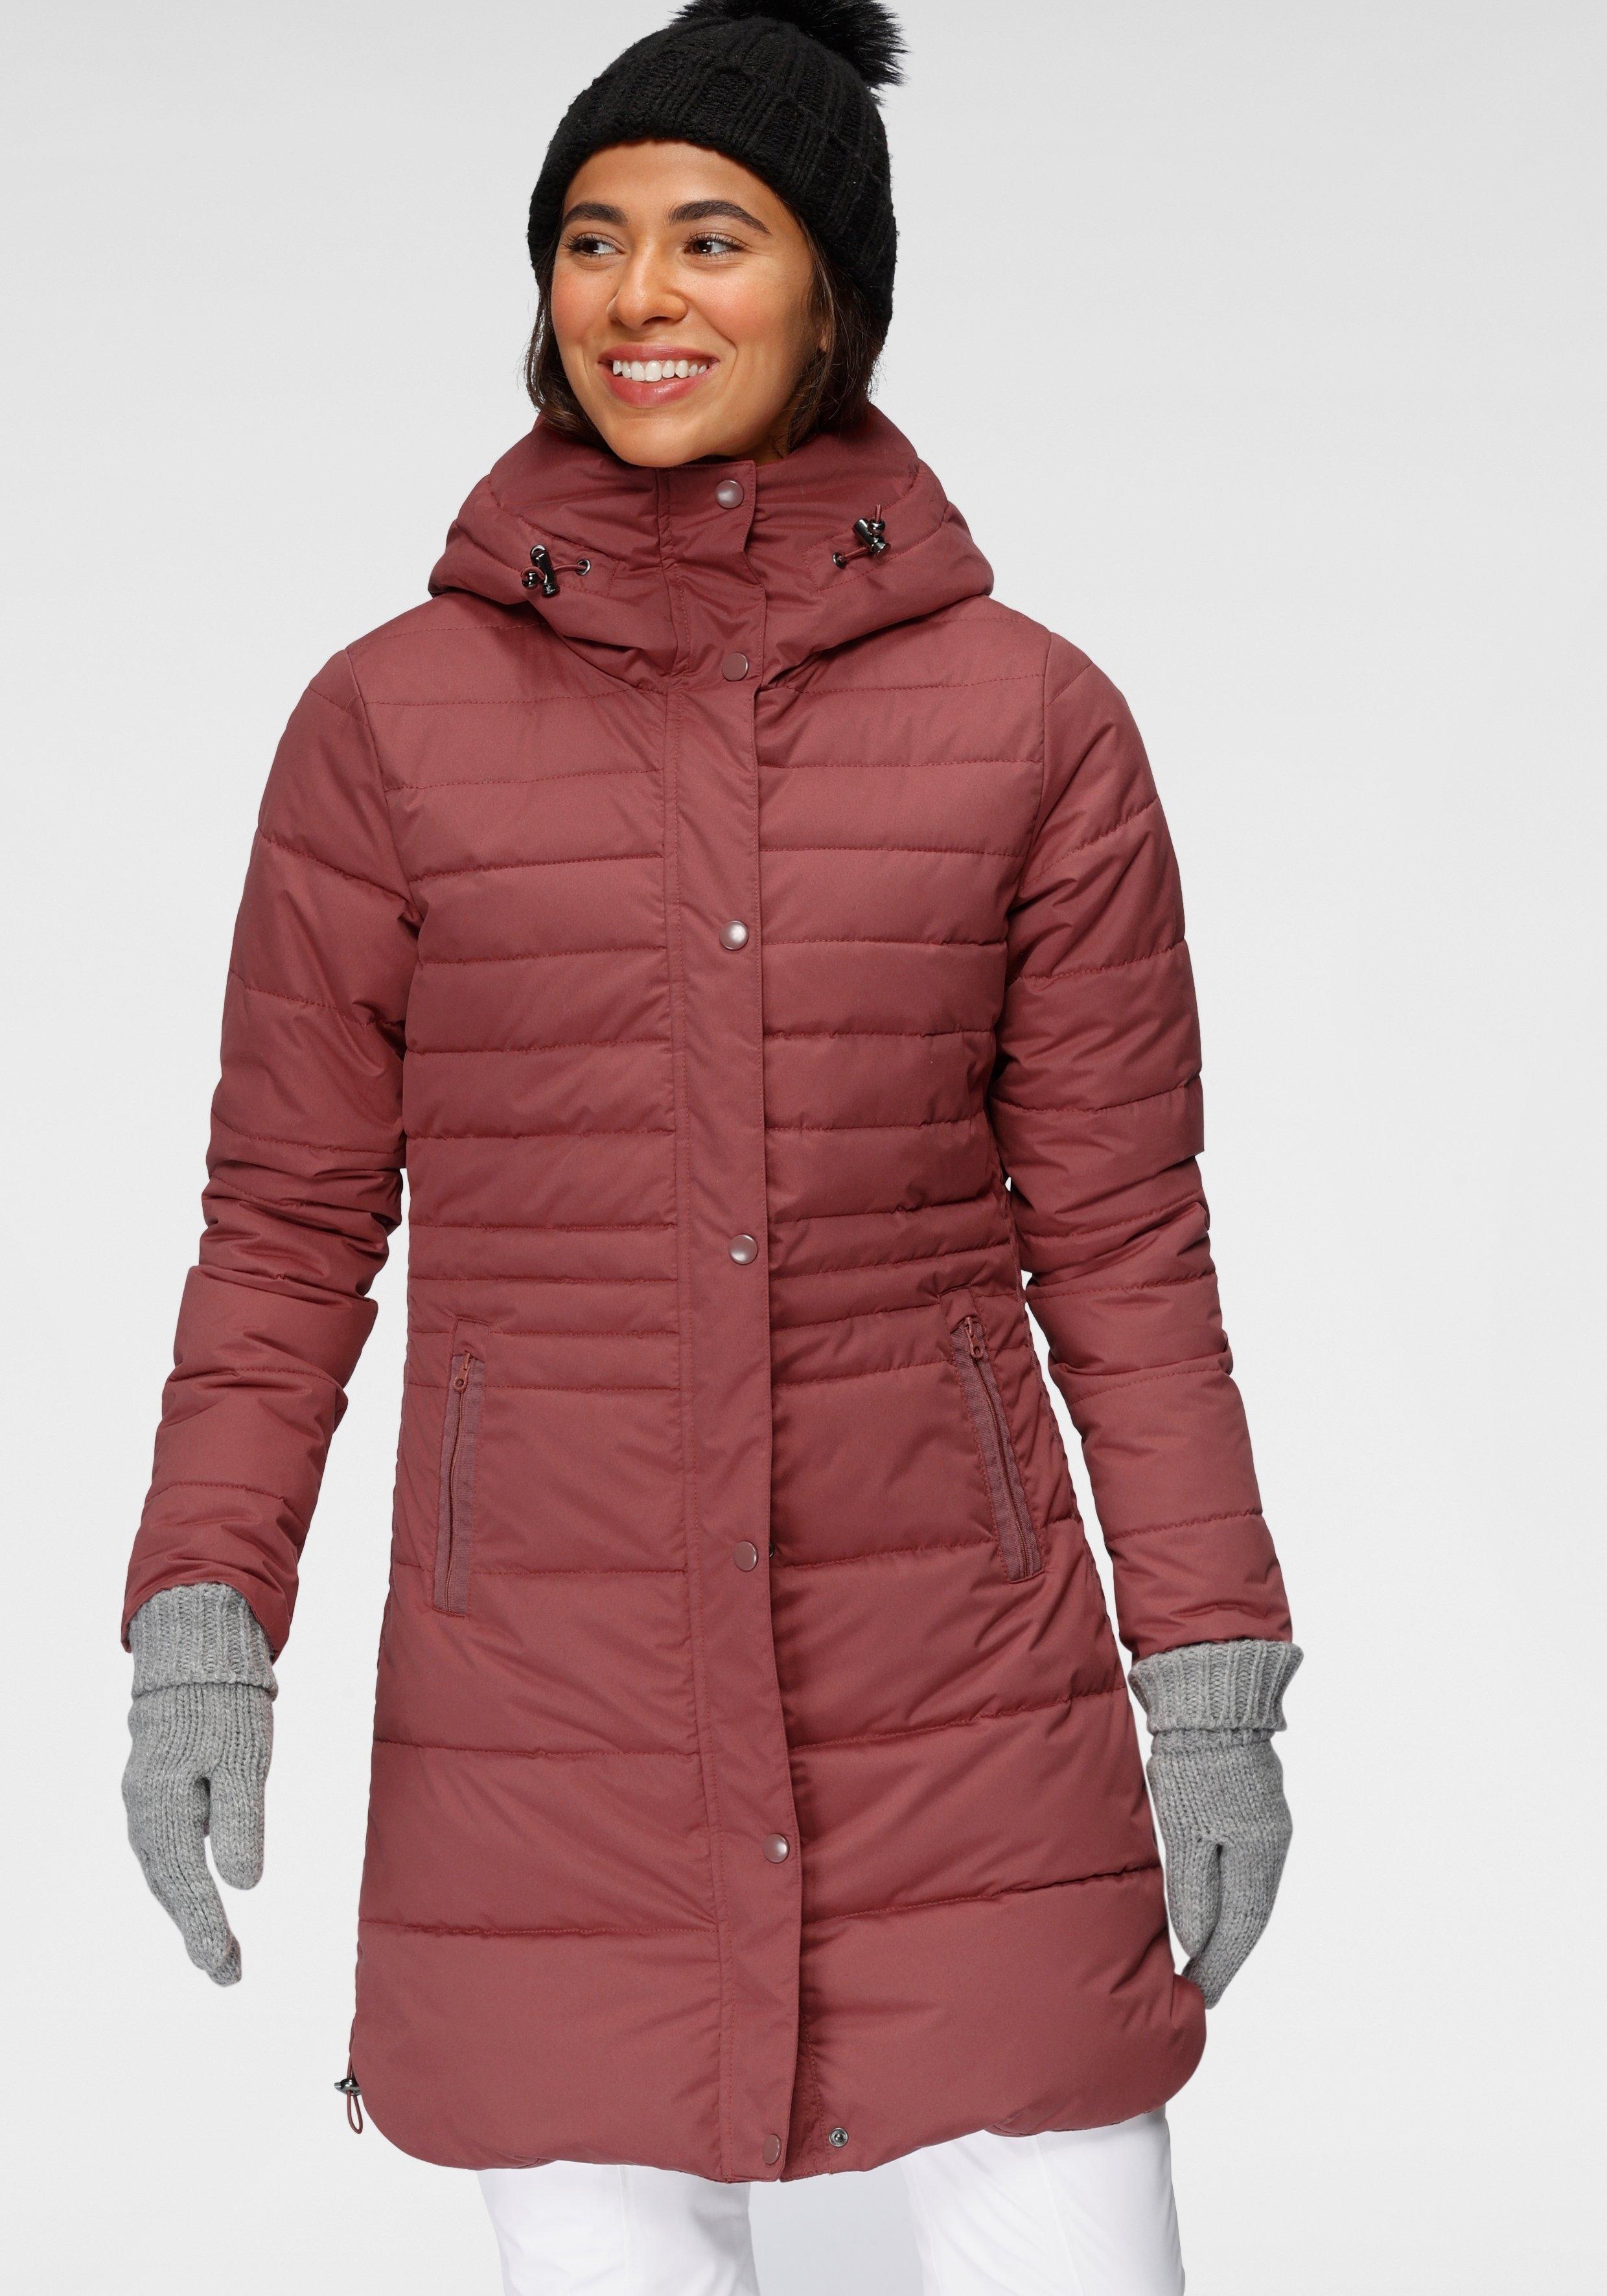 Polarino winterjas met een grote capuchon bestellen: 30 dagen bedenktijd